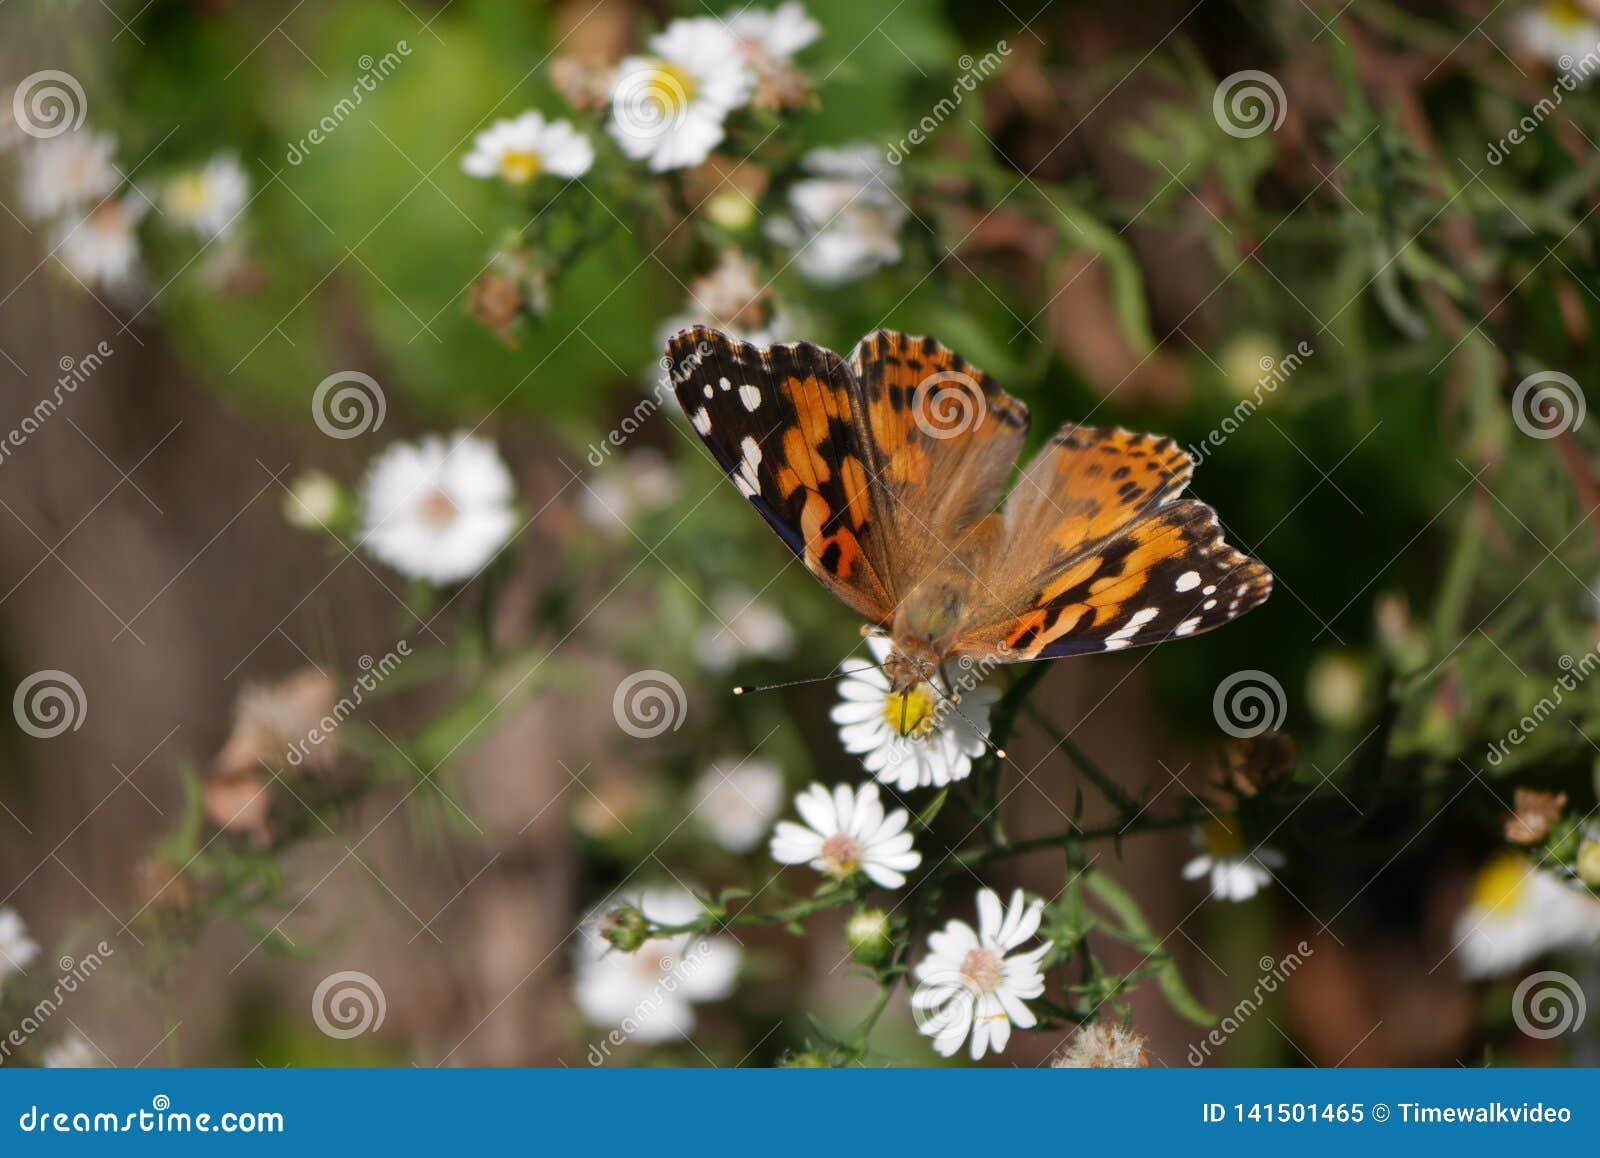 Ursnygg prickig monarkfjäril på små vita blommor